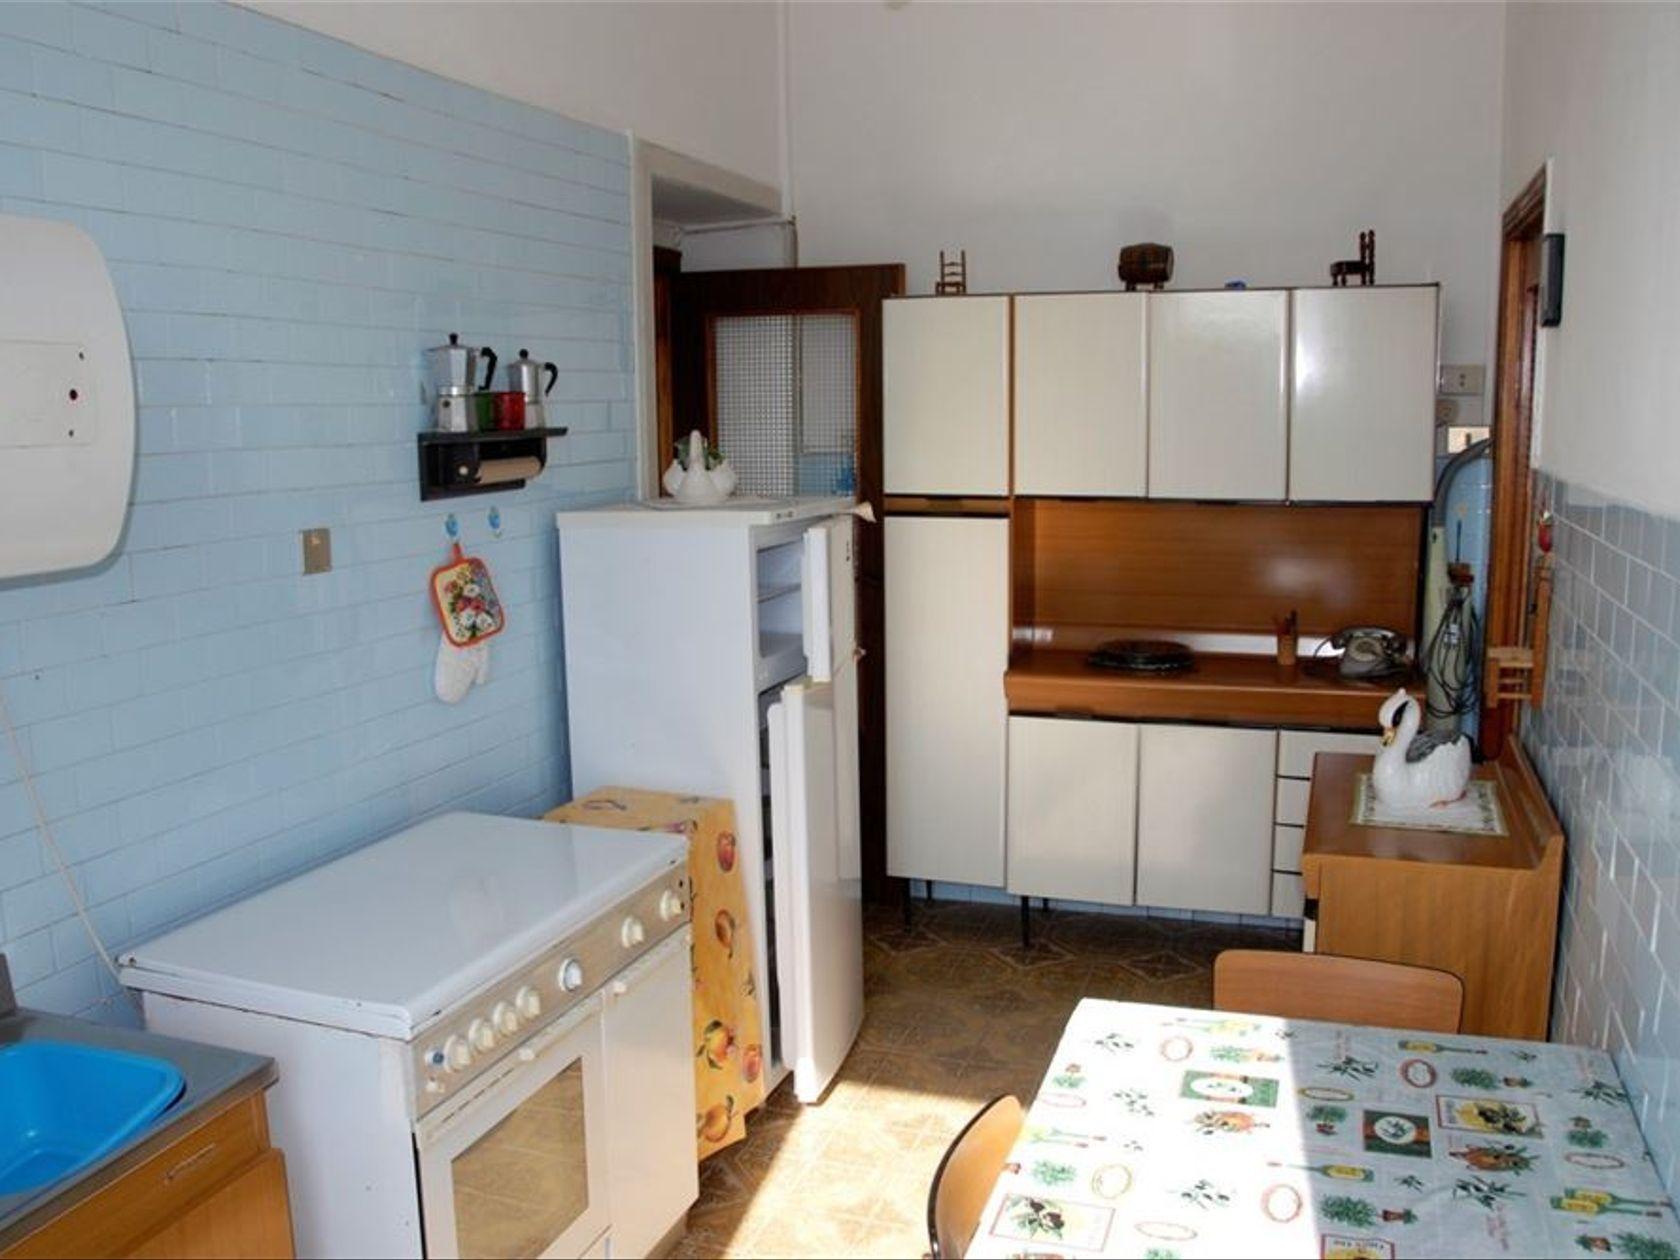 Appartamento Cagliari-punici-merello, Cagliari, CA Vendita - Foto 6